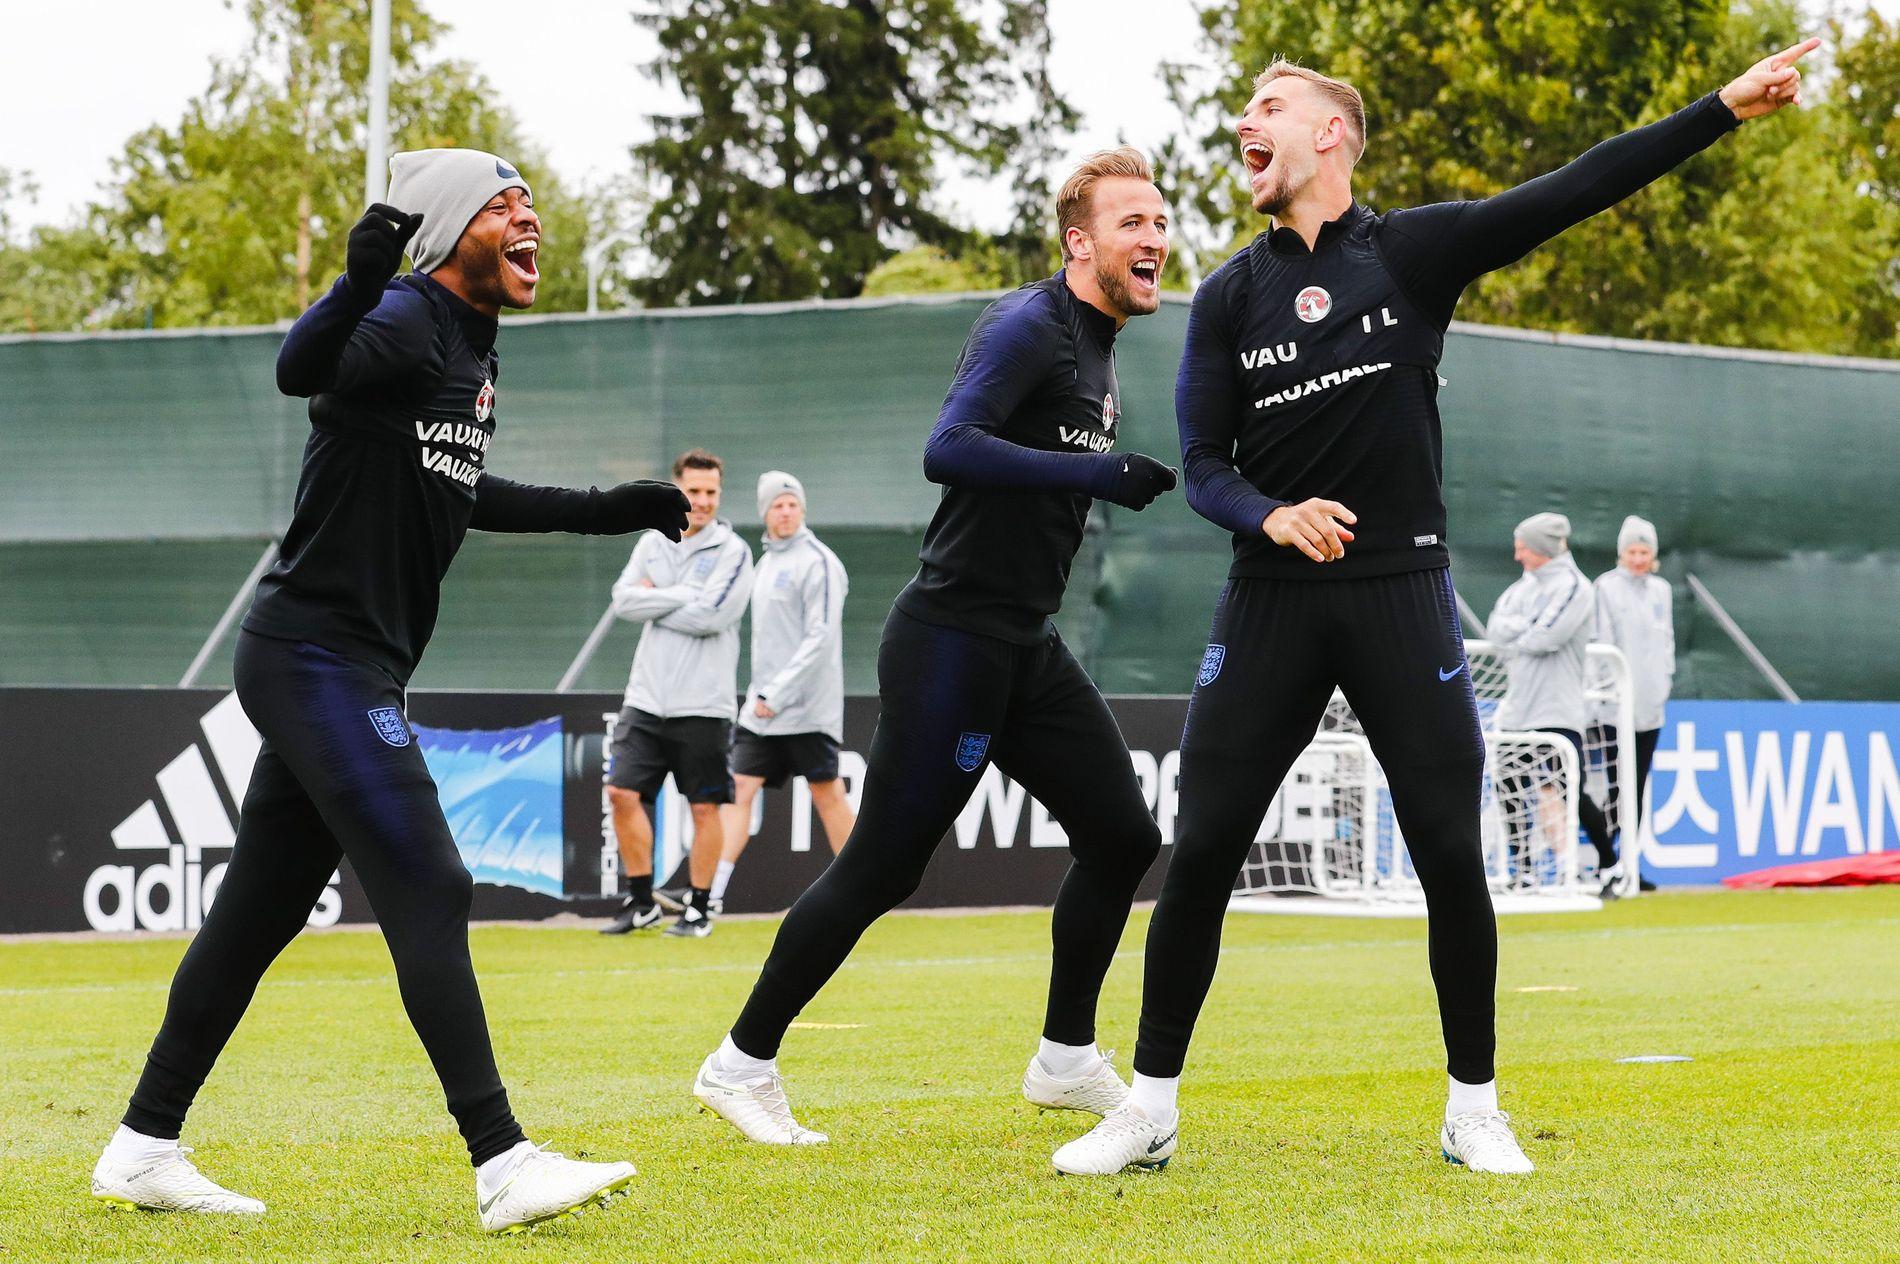 DEN VEIEN! Raheem Sterling, Harry Kane og Jordan Henderson er på vei et eller annet sted. Kan det være mot en VM-finale? Eller må de hjem etter kveldens møte med Colombia?